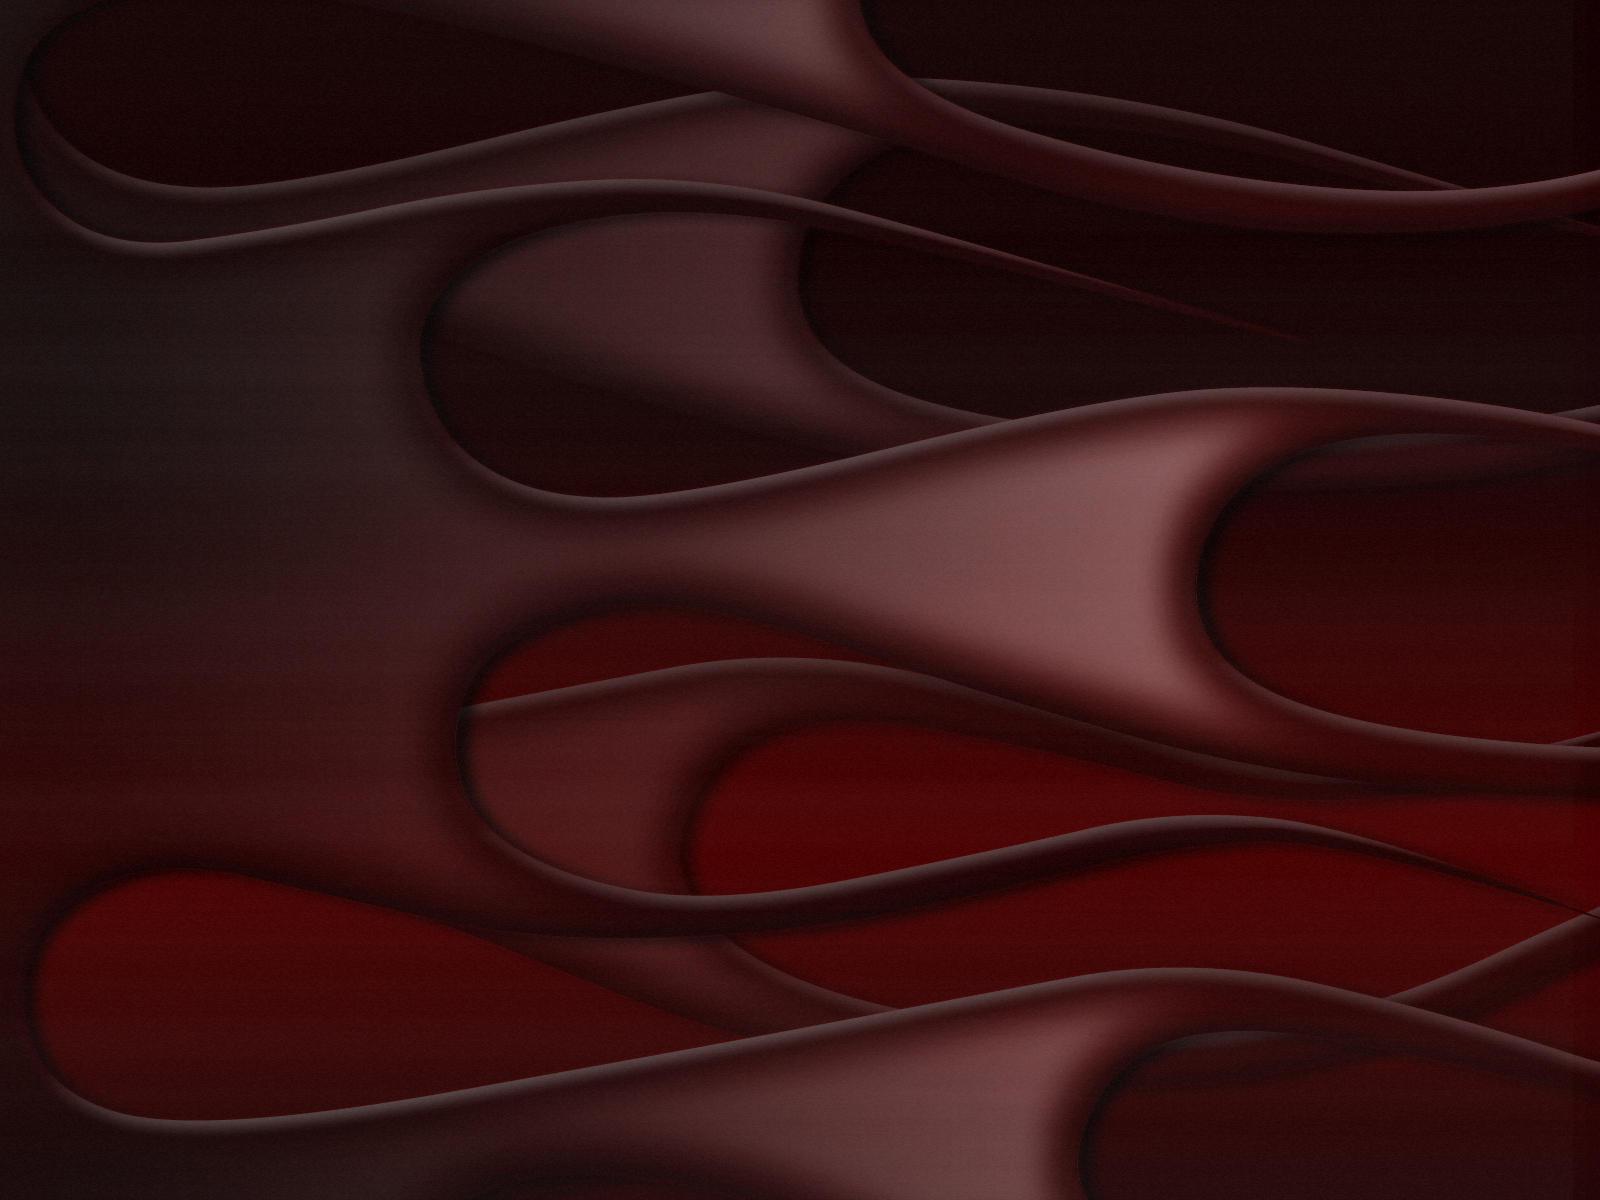 flames - blackcherry ghost by jbensch